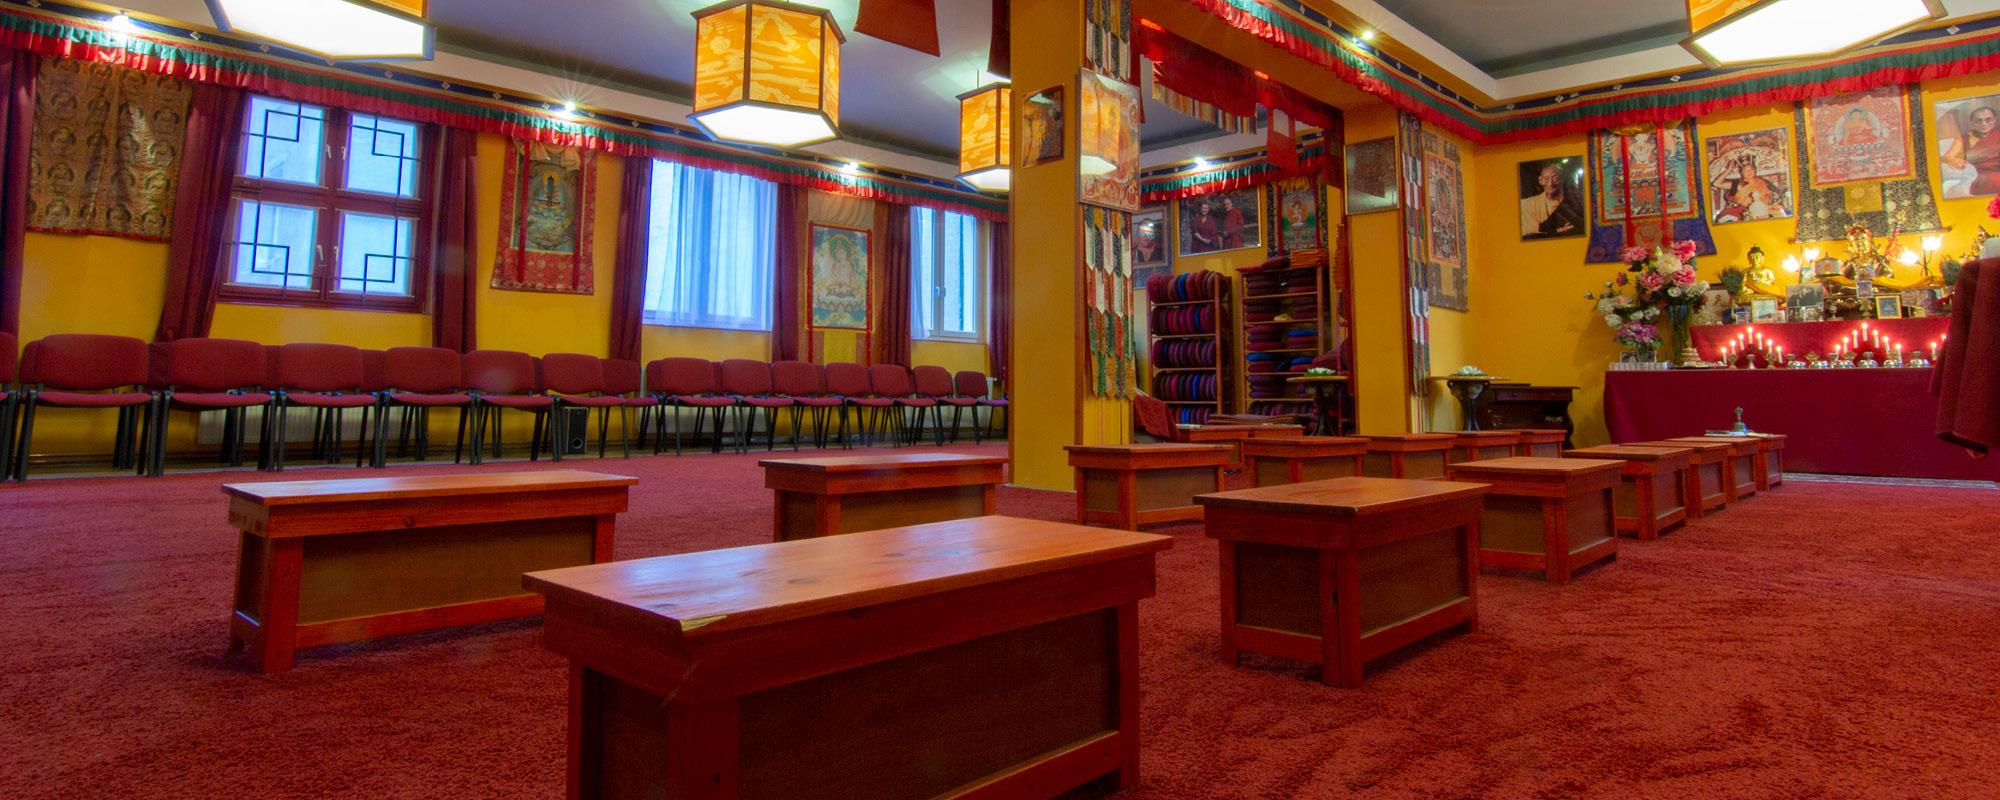 Szangha-nap a Karmapa Házban